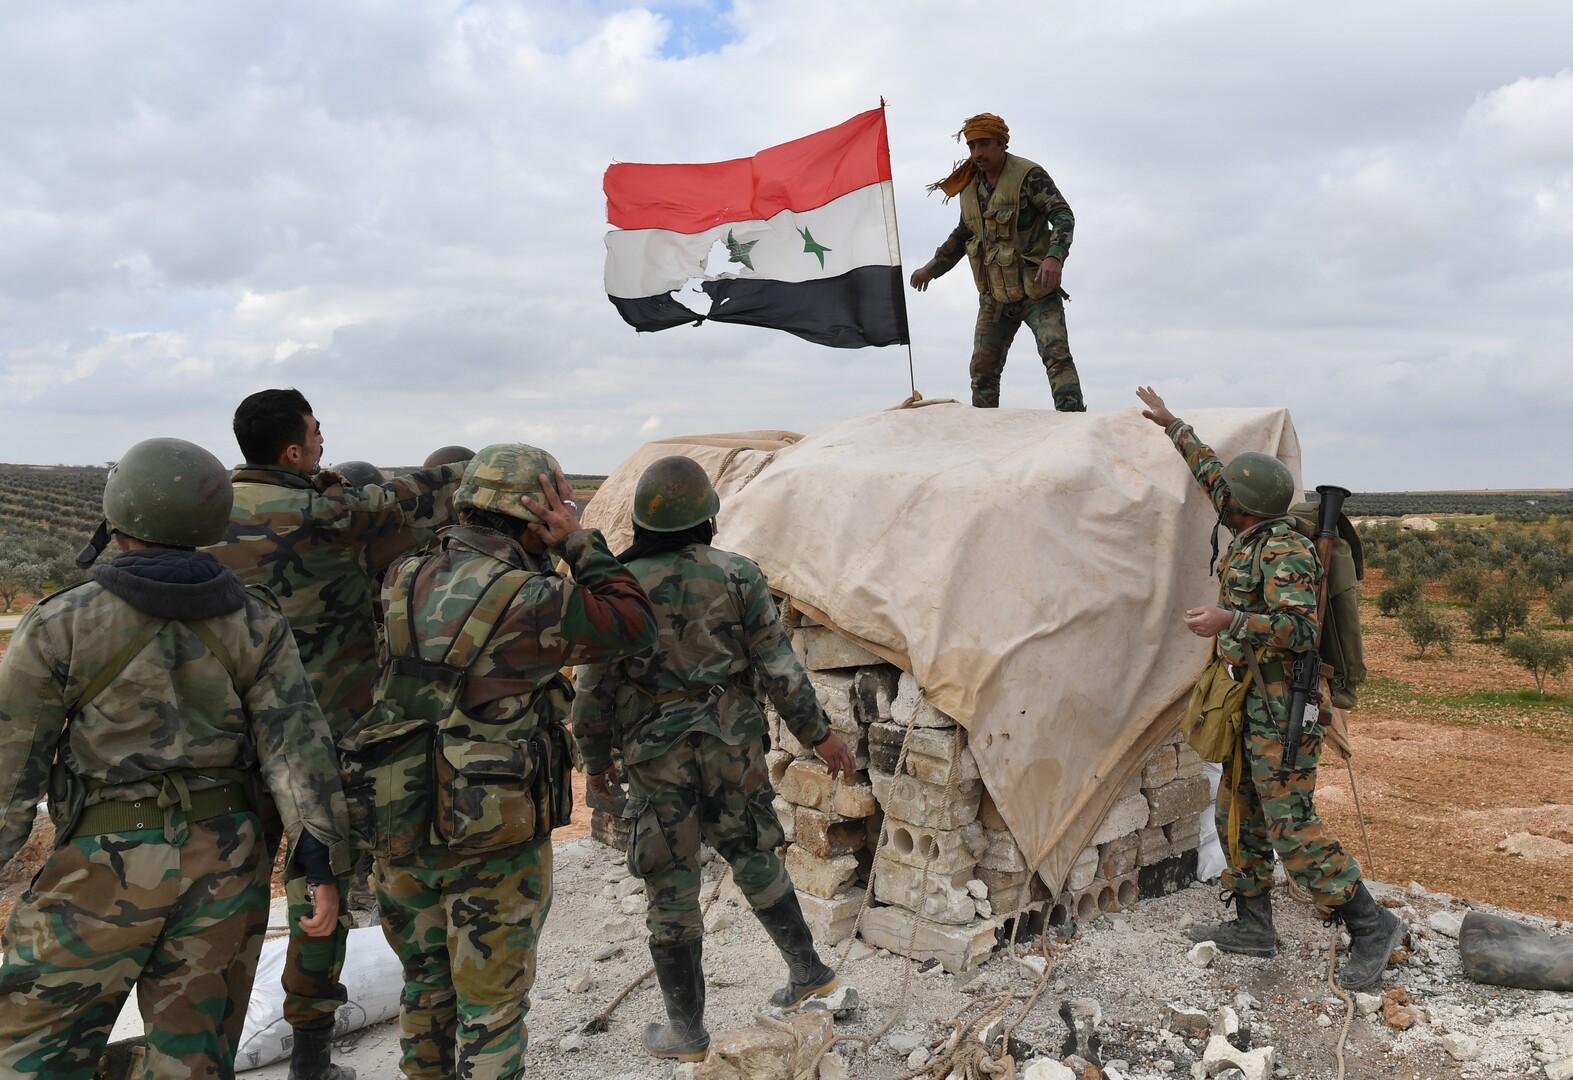 مصدر ميداني: أرتال للجيش السوري تتجه إلى شرق الفرات للانتشار في ريف الحسكة